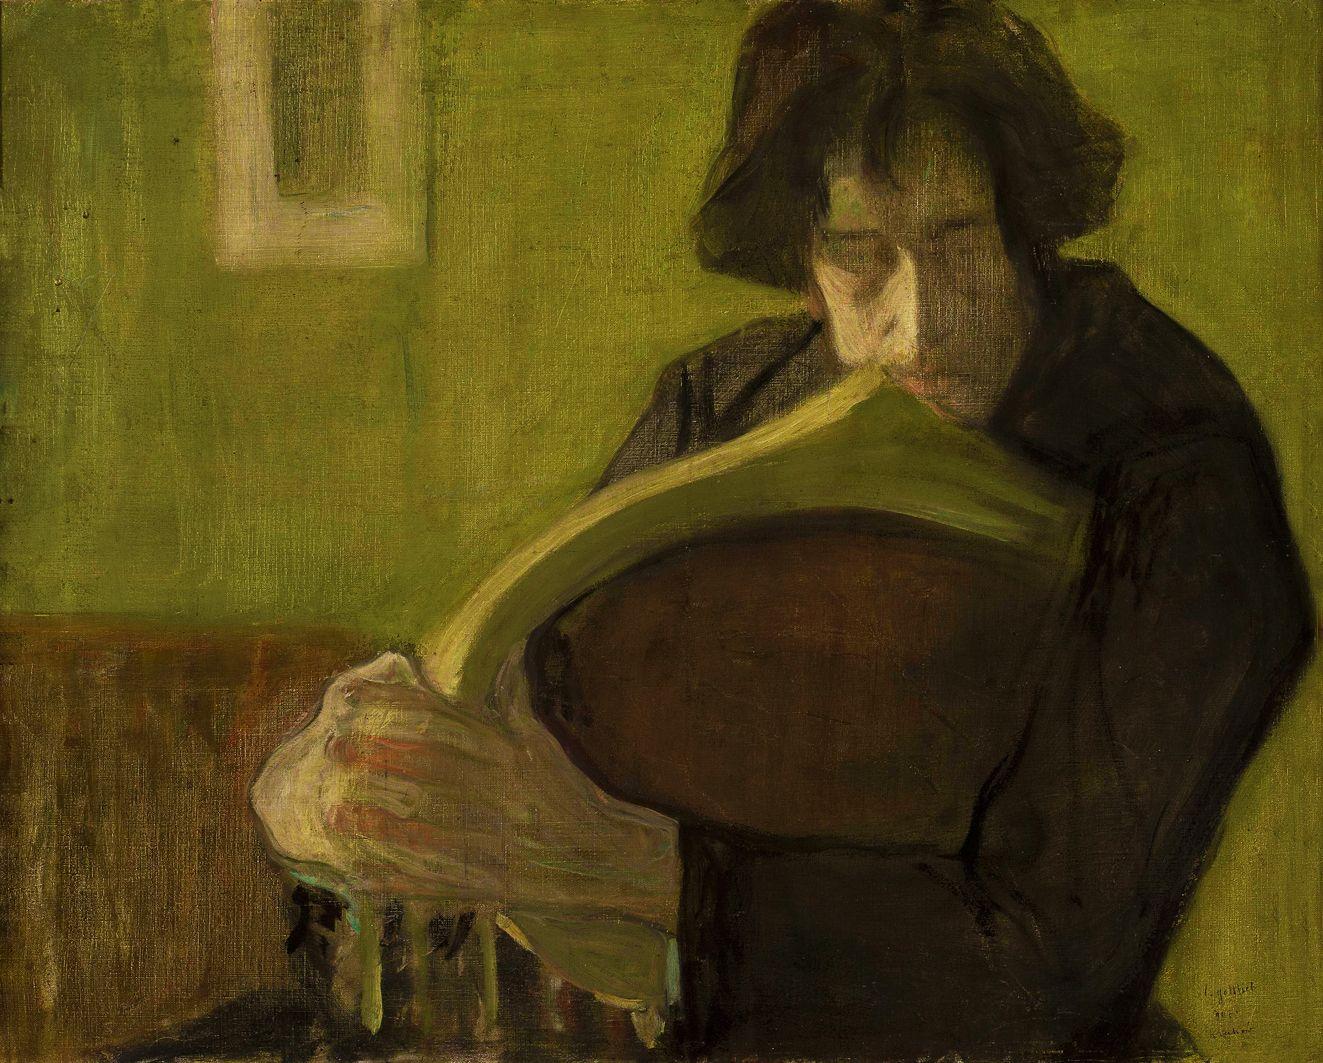 Леопольд Ґоттліб. Чоловік в кріслі, 1907; олія, полотно; NMW